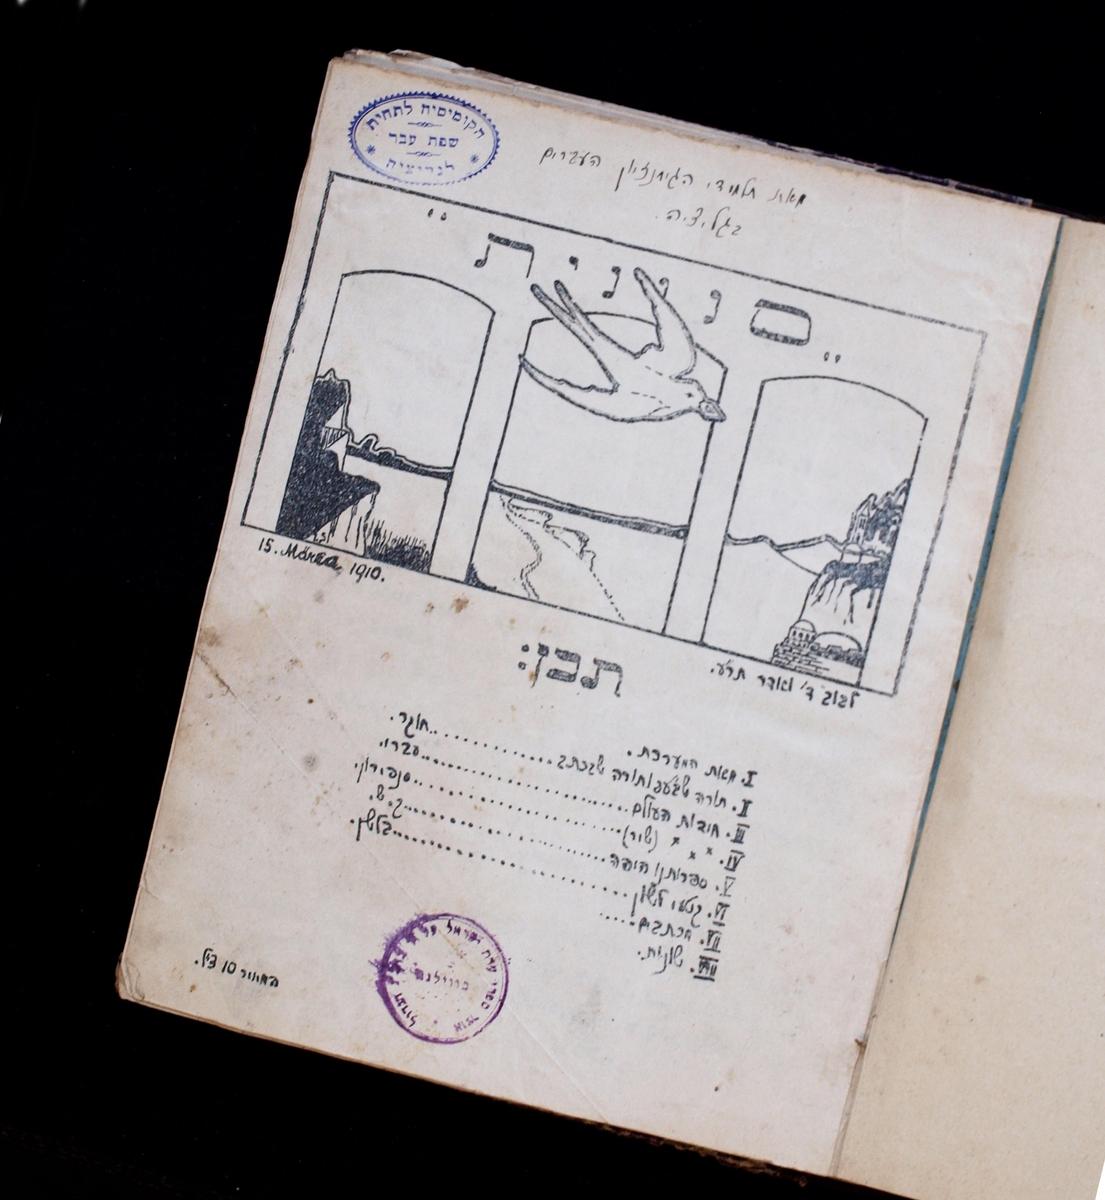 """Lvovo hebrajiškos gimnazijos mokyklinis žurnalas """"Senunit"""" (hebr. Kregždutė) 1910 03 15, moksleivių dedikuotas Strašuno bibliotekai."""